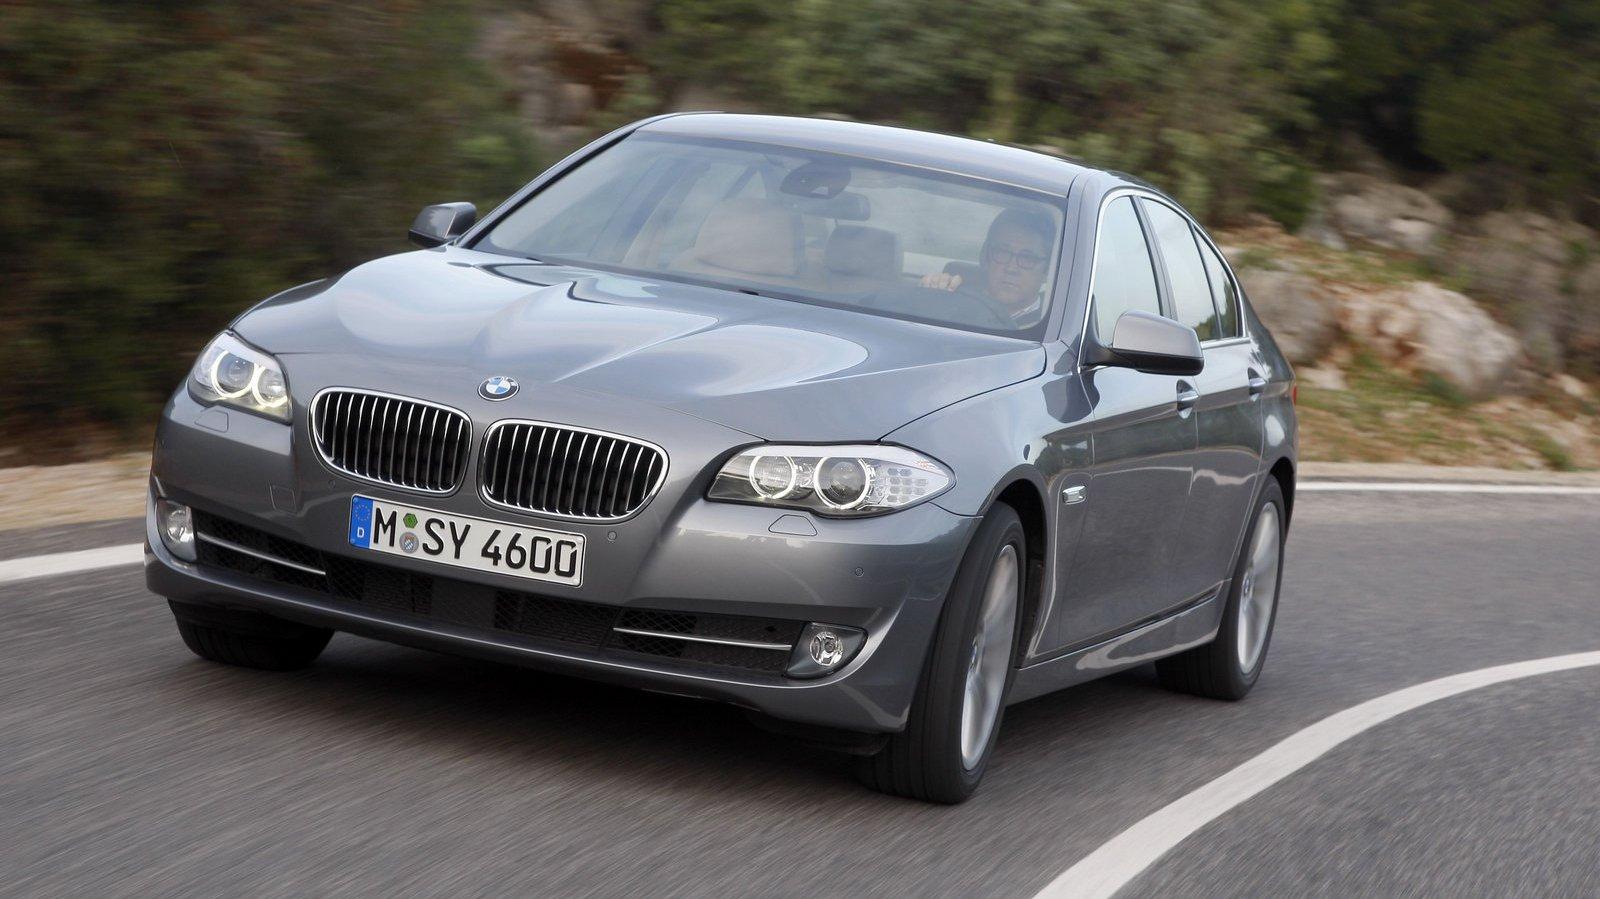 http://4.bp.blogspot.com/_ja676MG45Zg/TN-RkyI0VPI/AAAAAAAAErI/BKHEnMaJiAc/s1600/BMW-5-series-brand-new.jpg